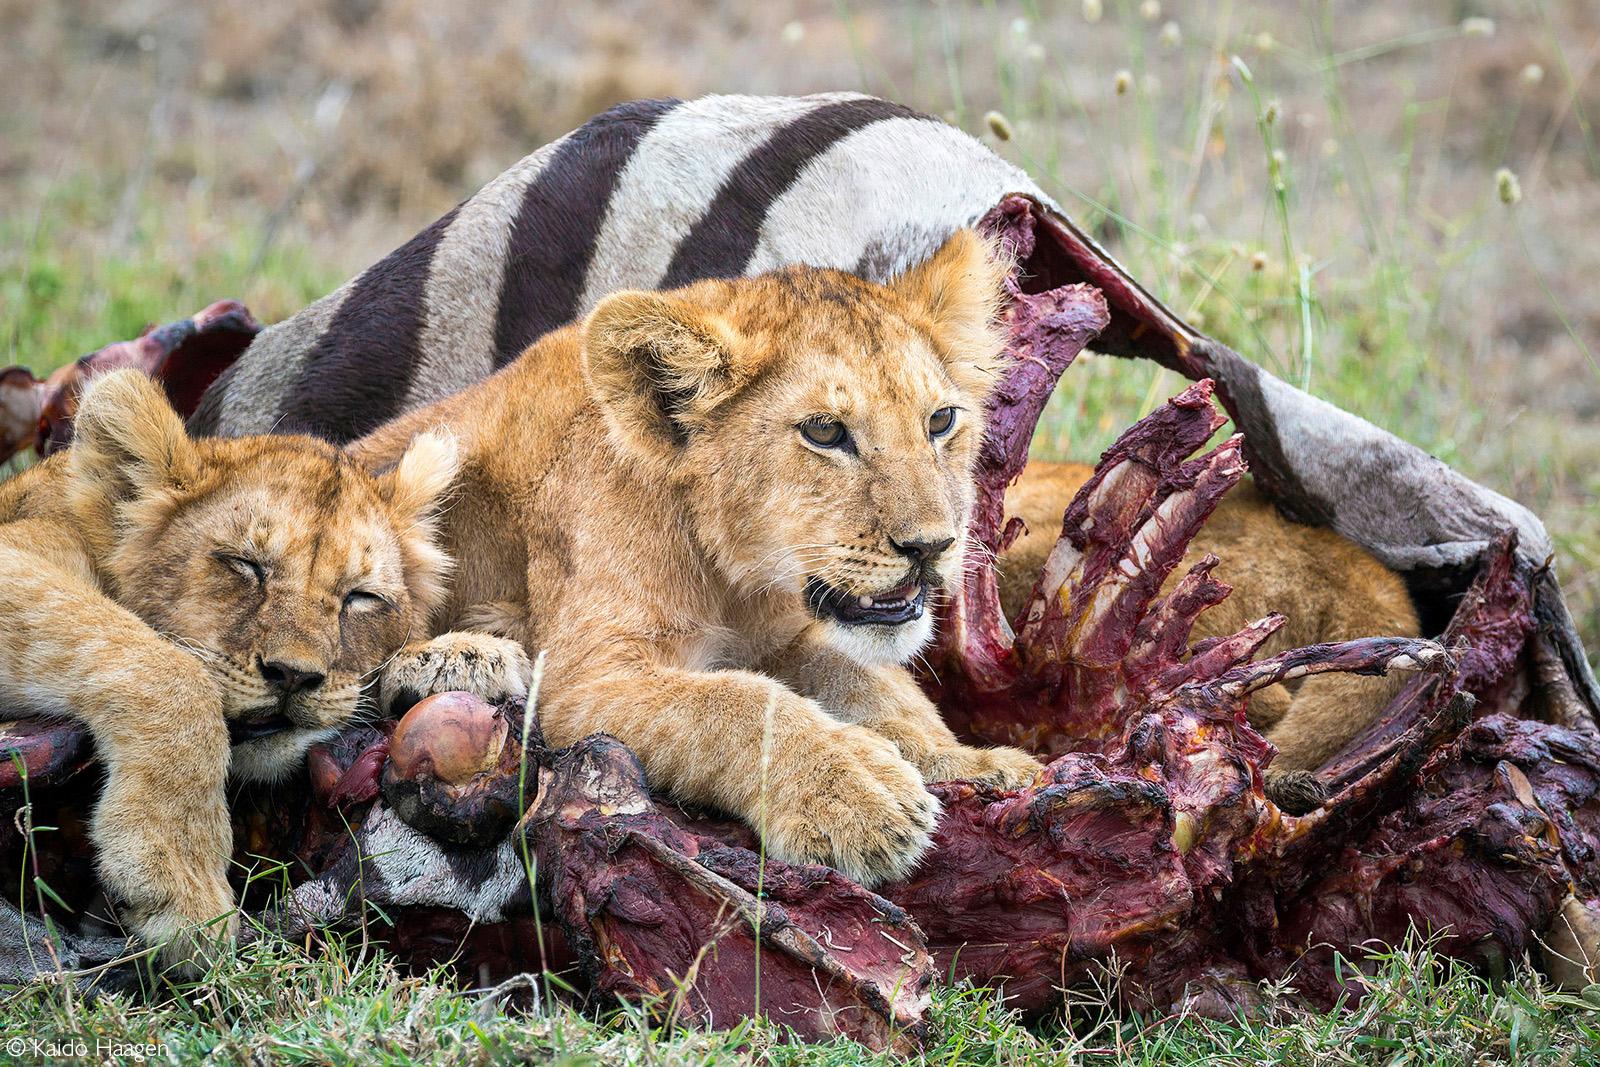 Lion cubs rest after having a zebra meal. Serengeti National Park, Tanzania © Kaido Haagen